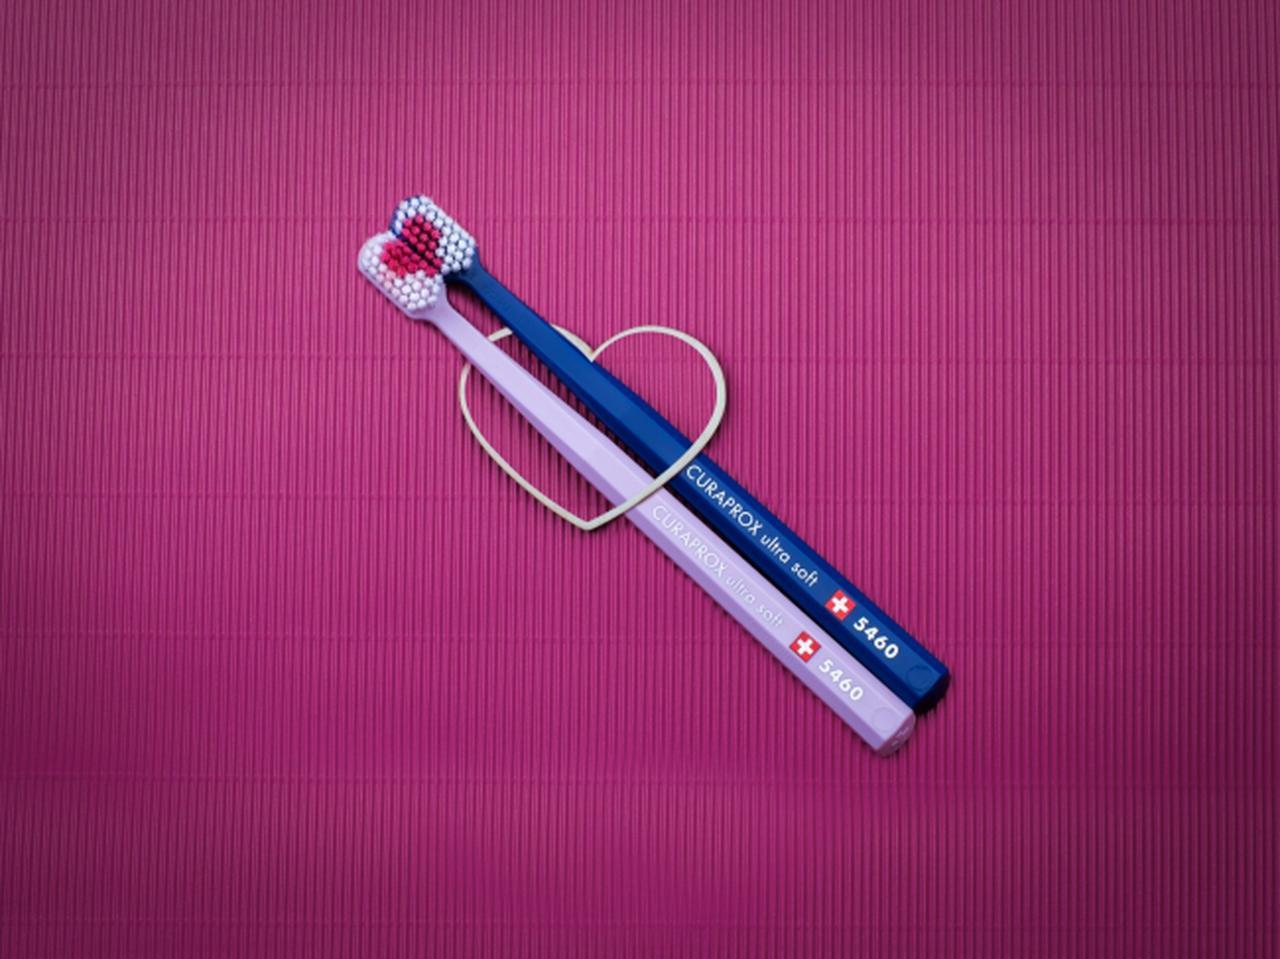 画像: ふたつ合わせるとハートの形になる歯ブラシ(2本セット税抜2,000円)